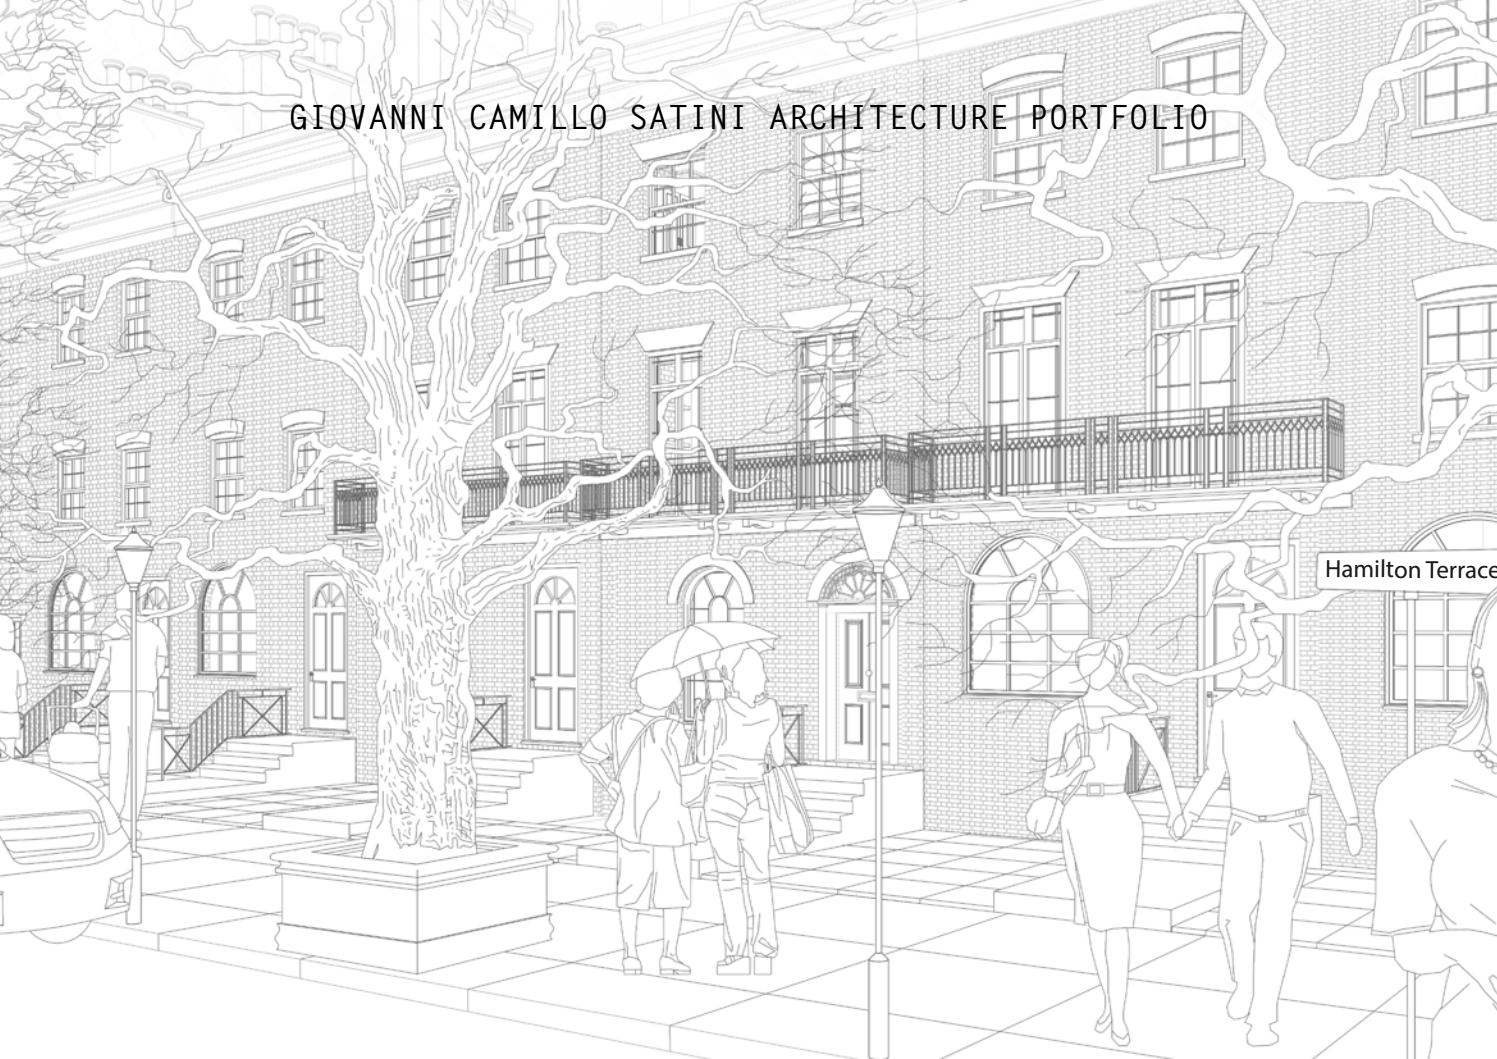 Sostituzione Travi In Legno Solai giovanni camillo satini architecture portfolio by